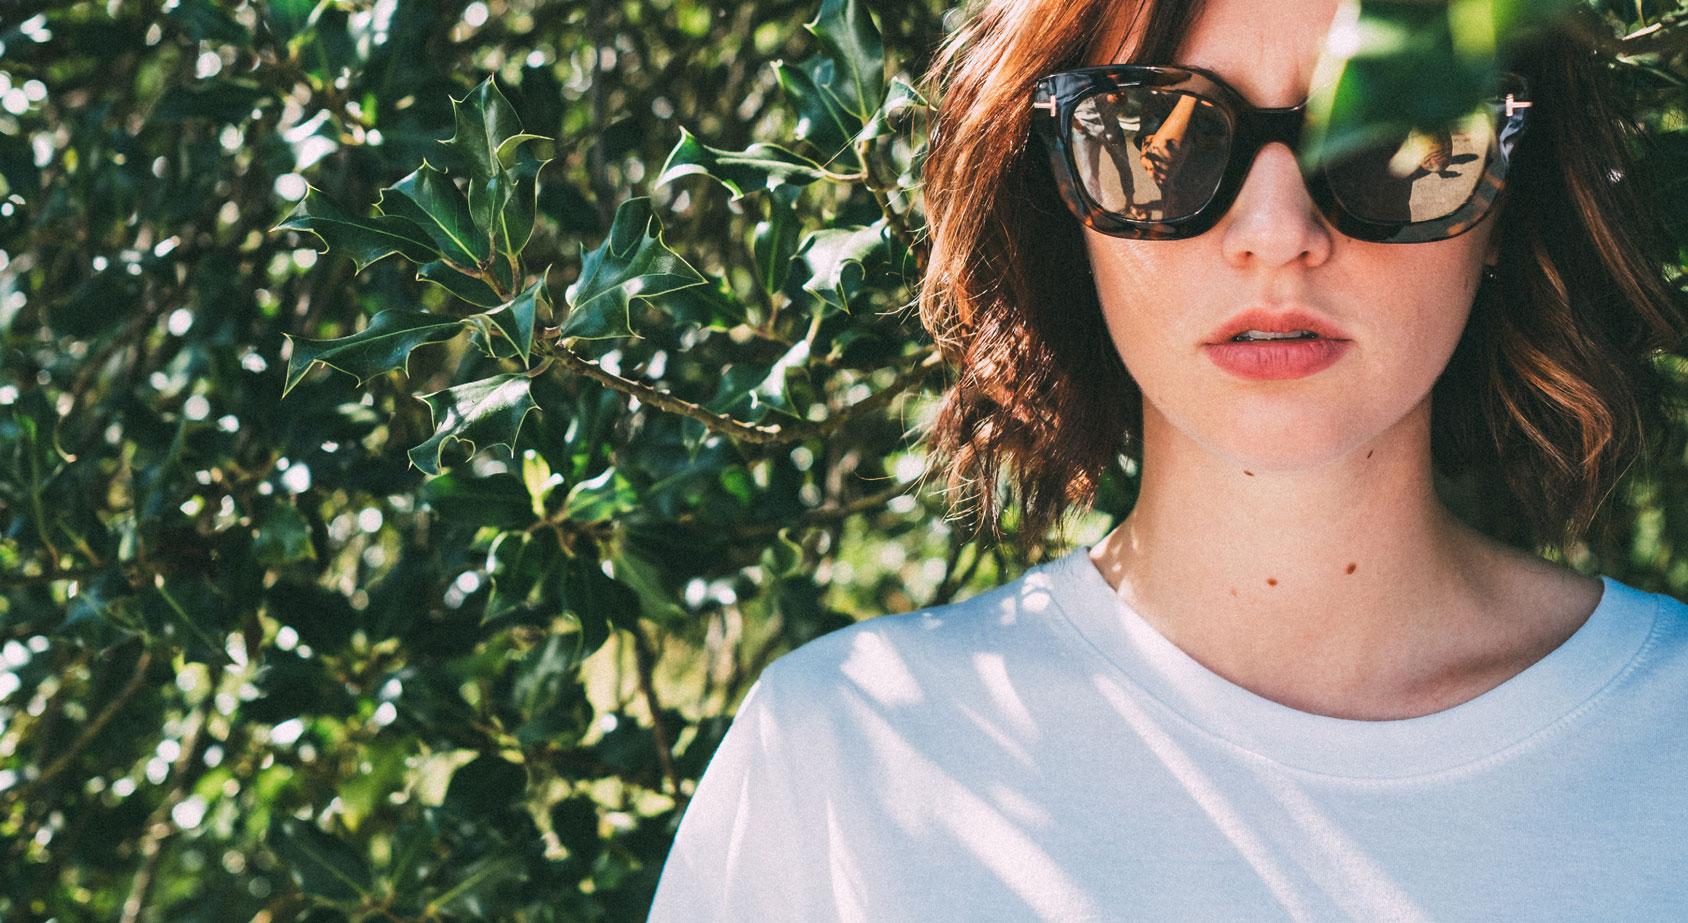 Frau mit Sonnenbrille und Baum im Hintergrund